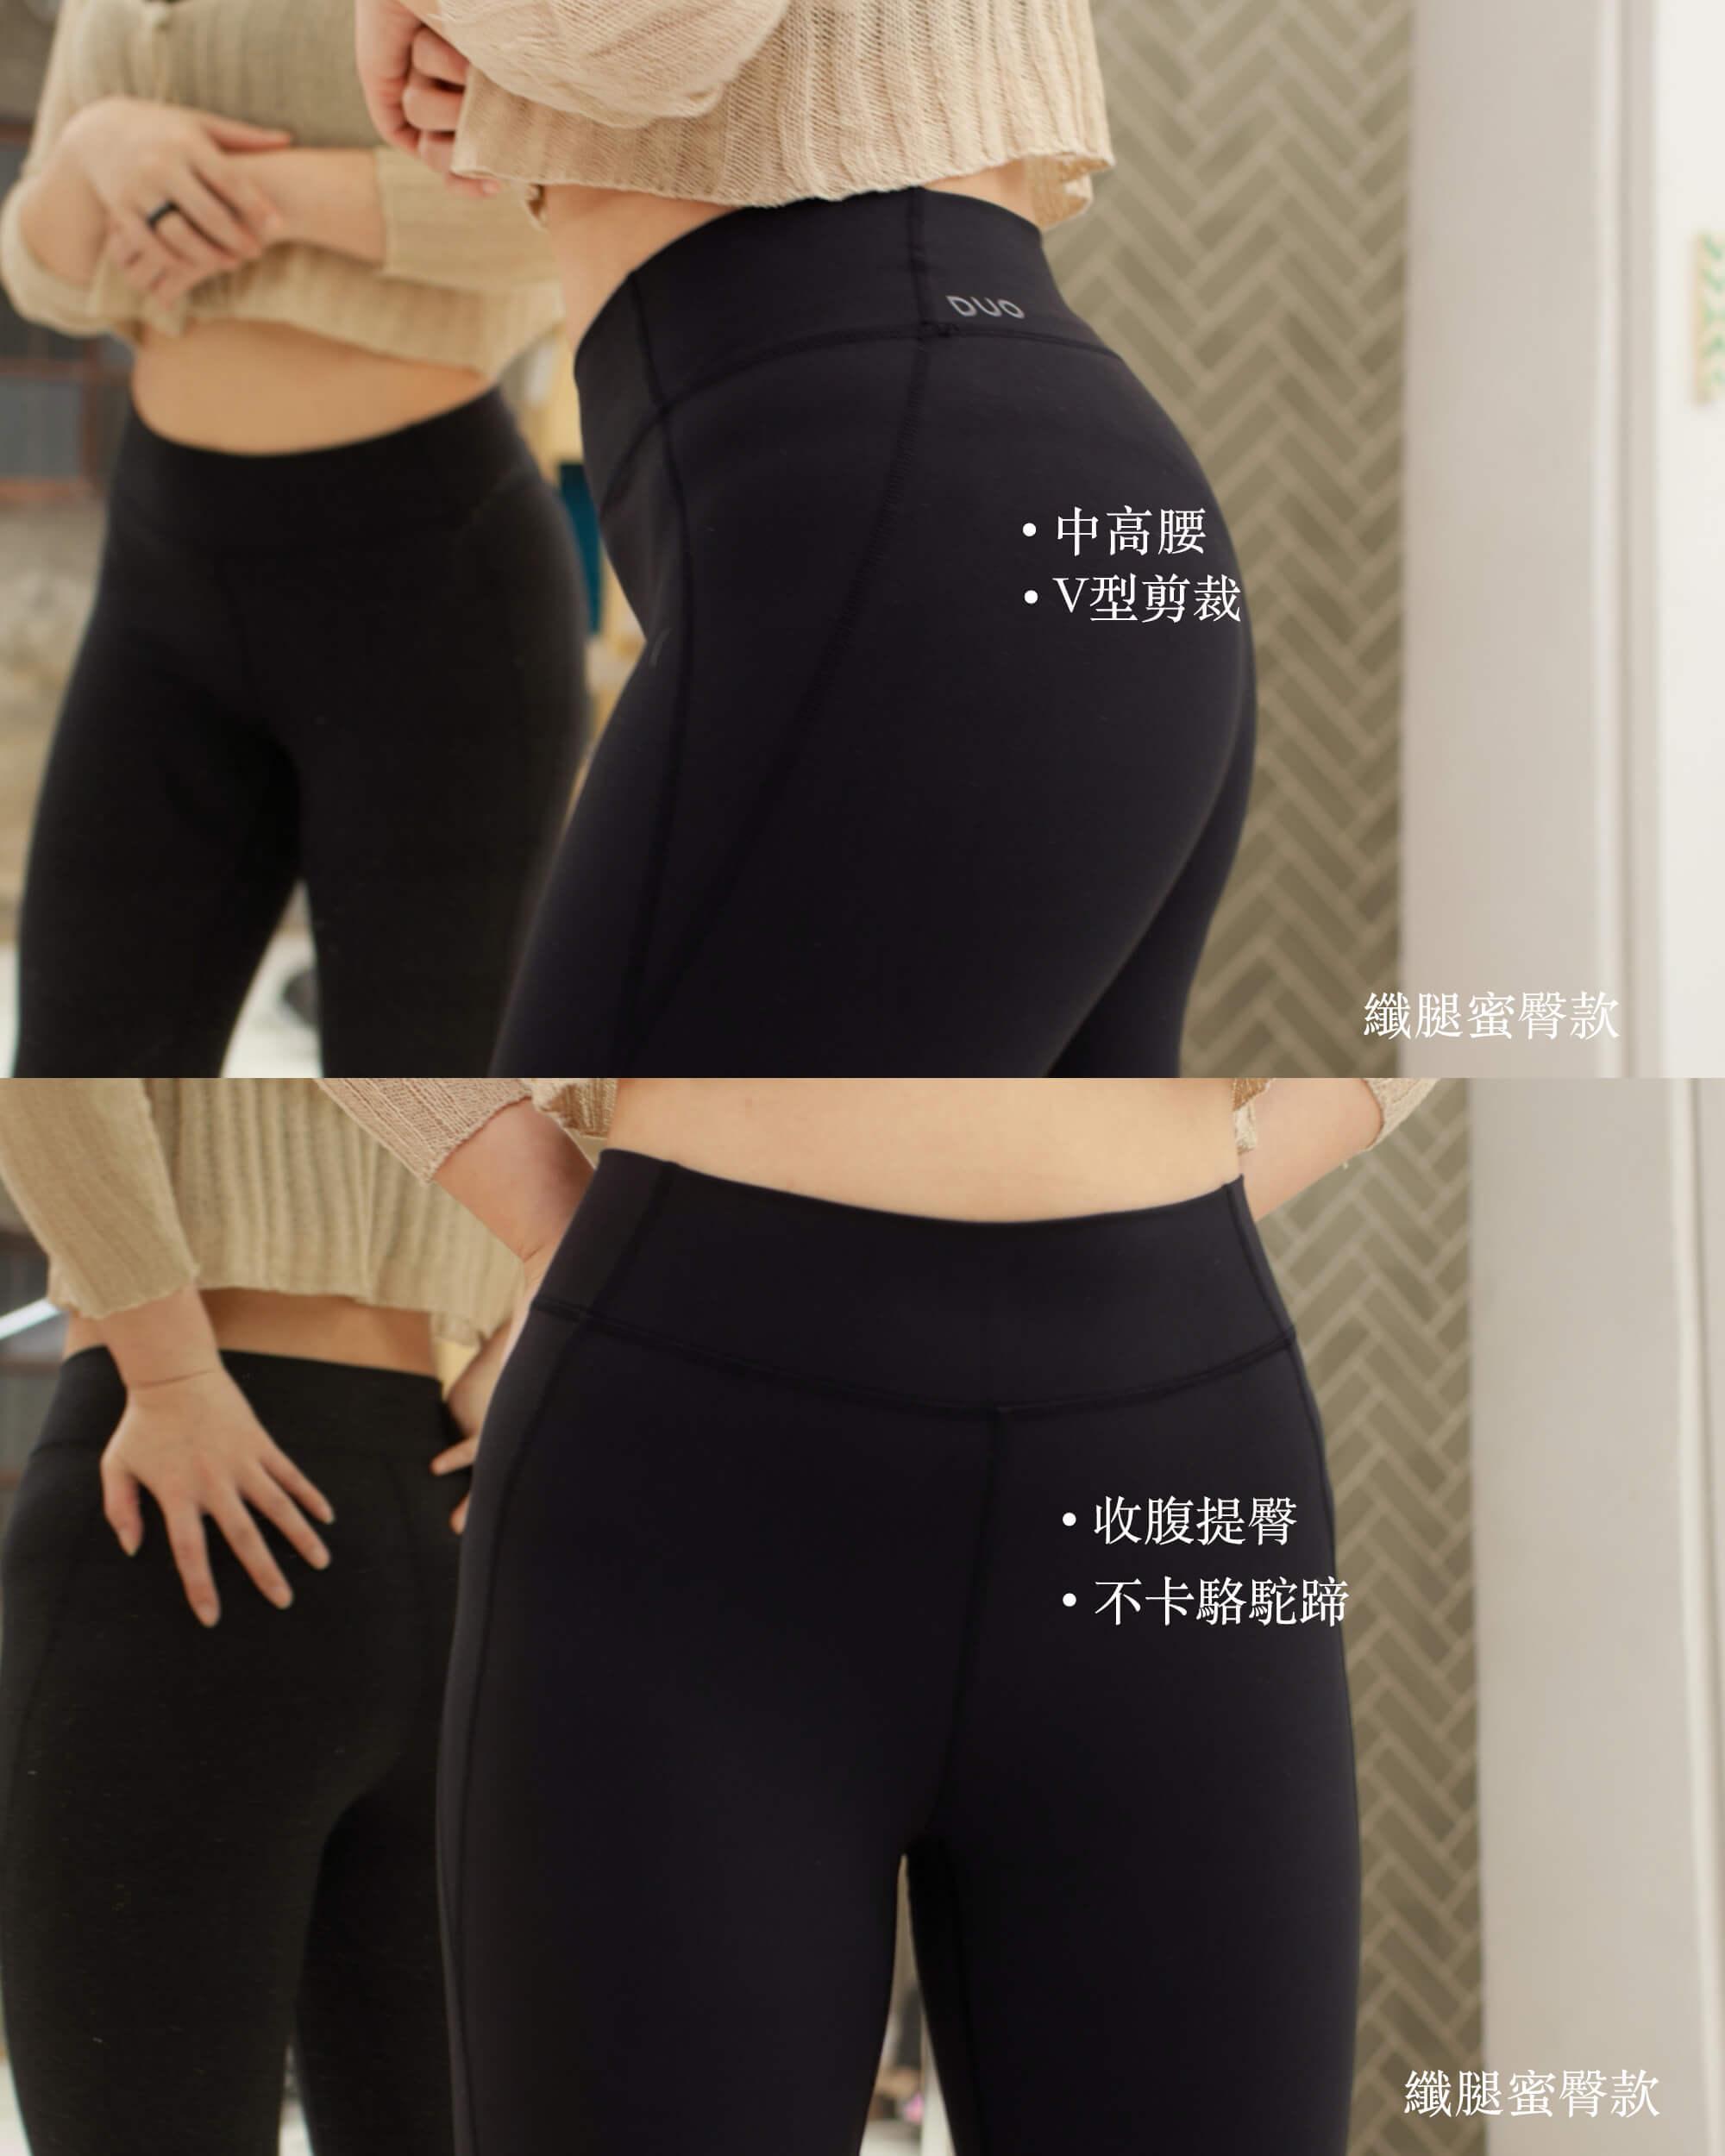 DUO 征服褲 顯瘦